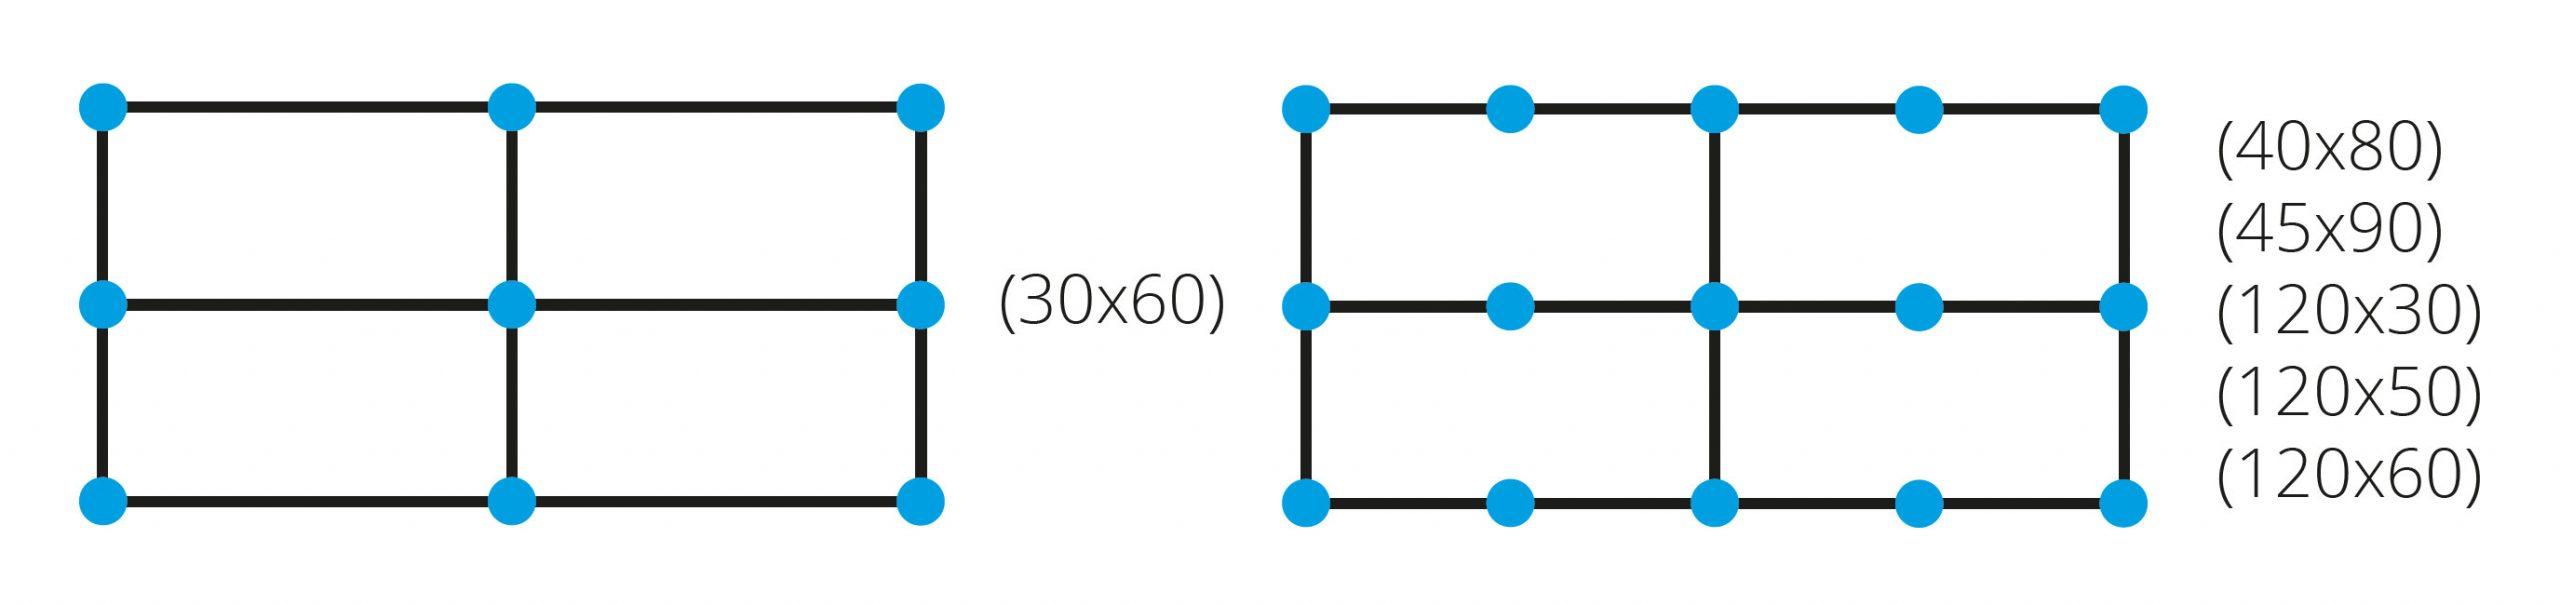 Proleveling system verdeling rechthoekige tegels